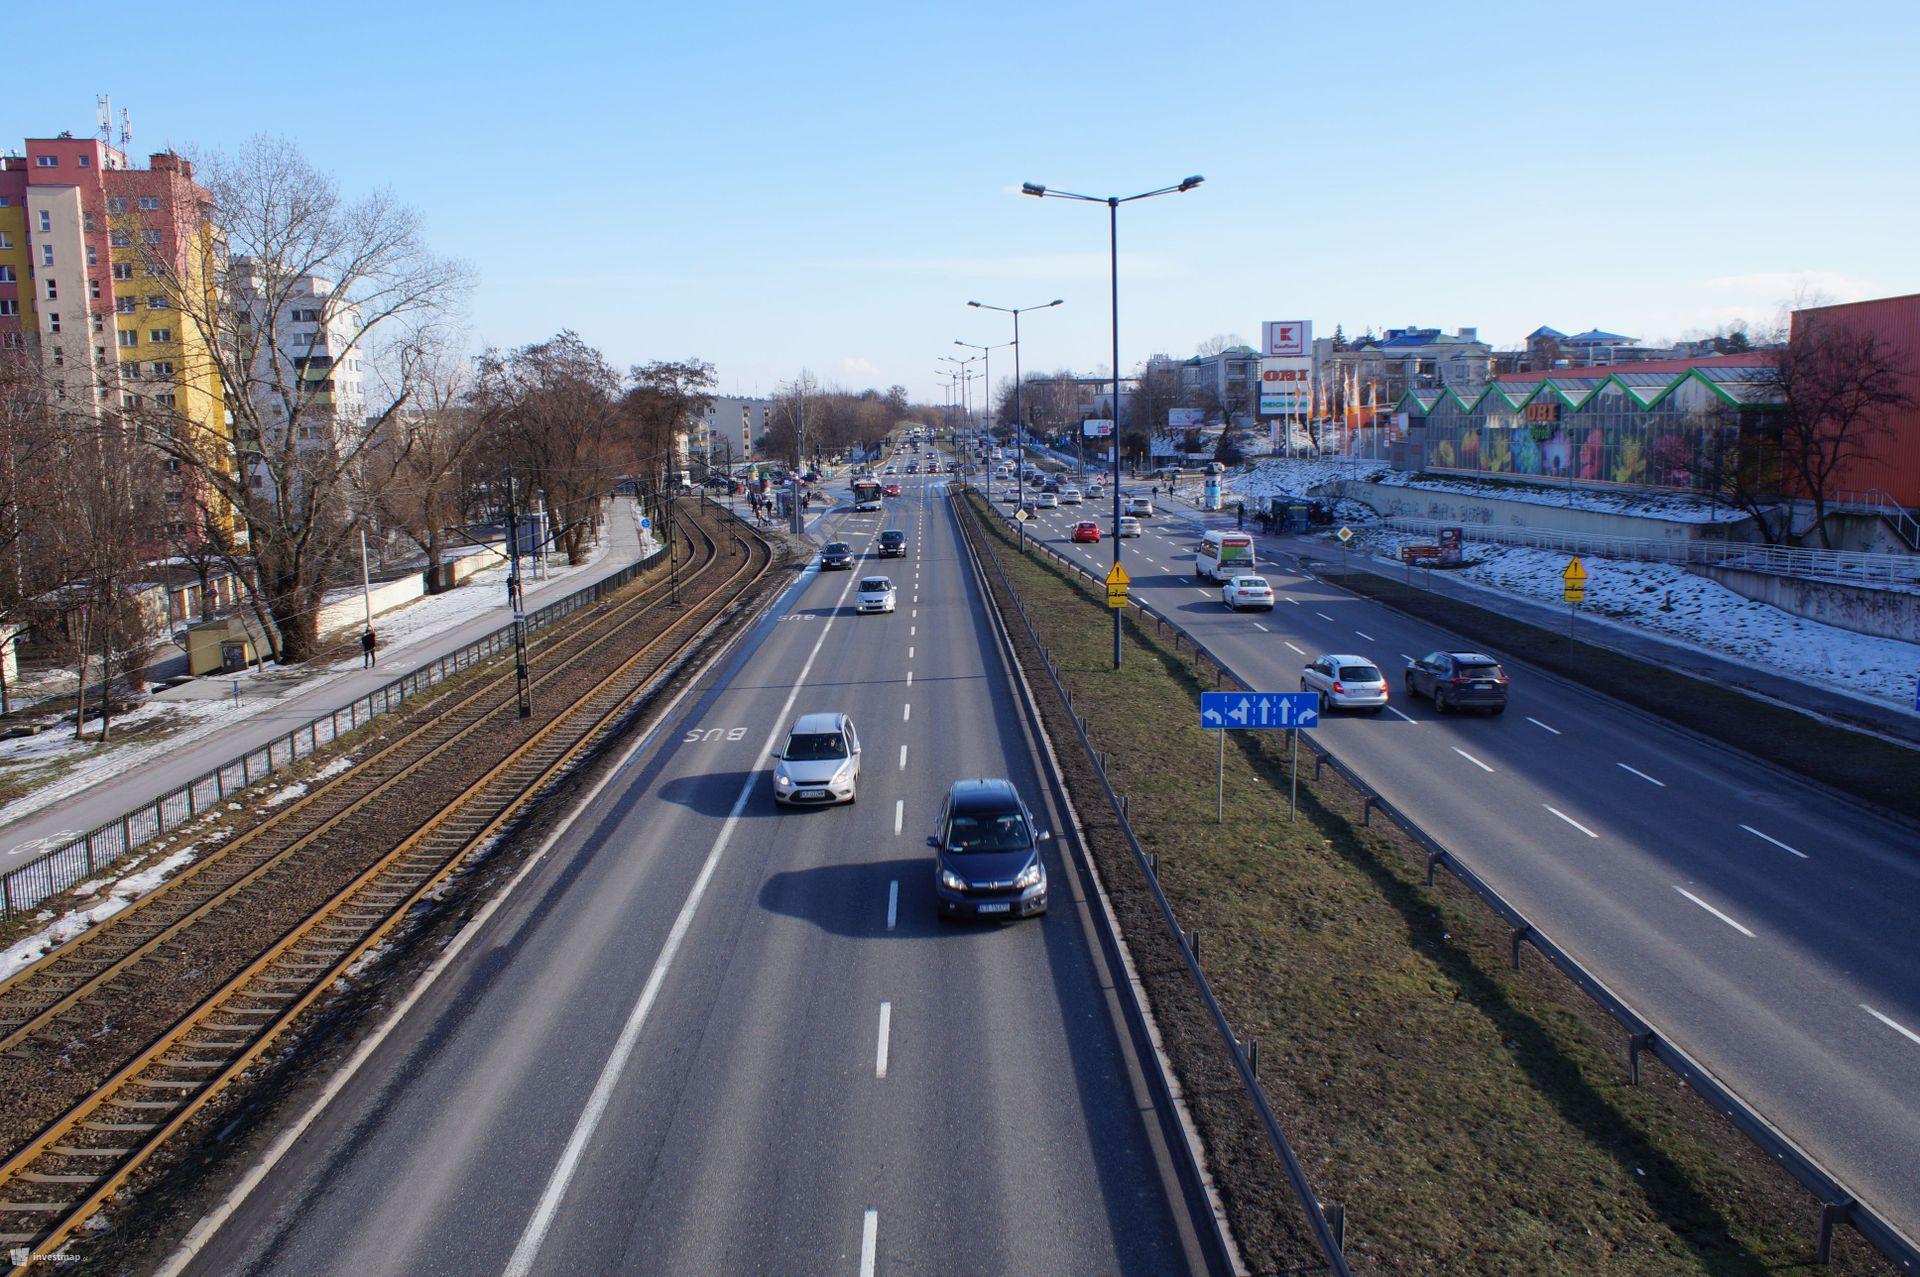 Kraków: Urzędnicy kompletują koncepcje przebiegu linii tramwajowej do Wieliczki